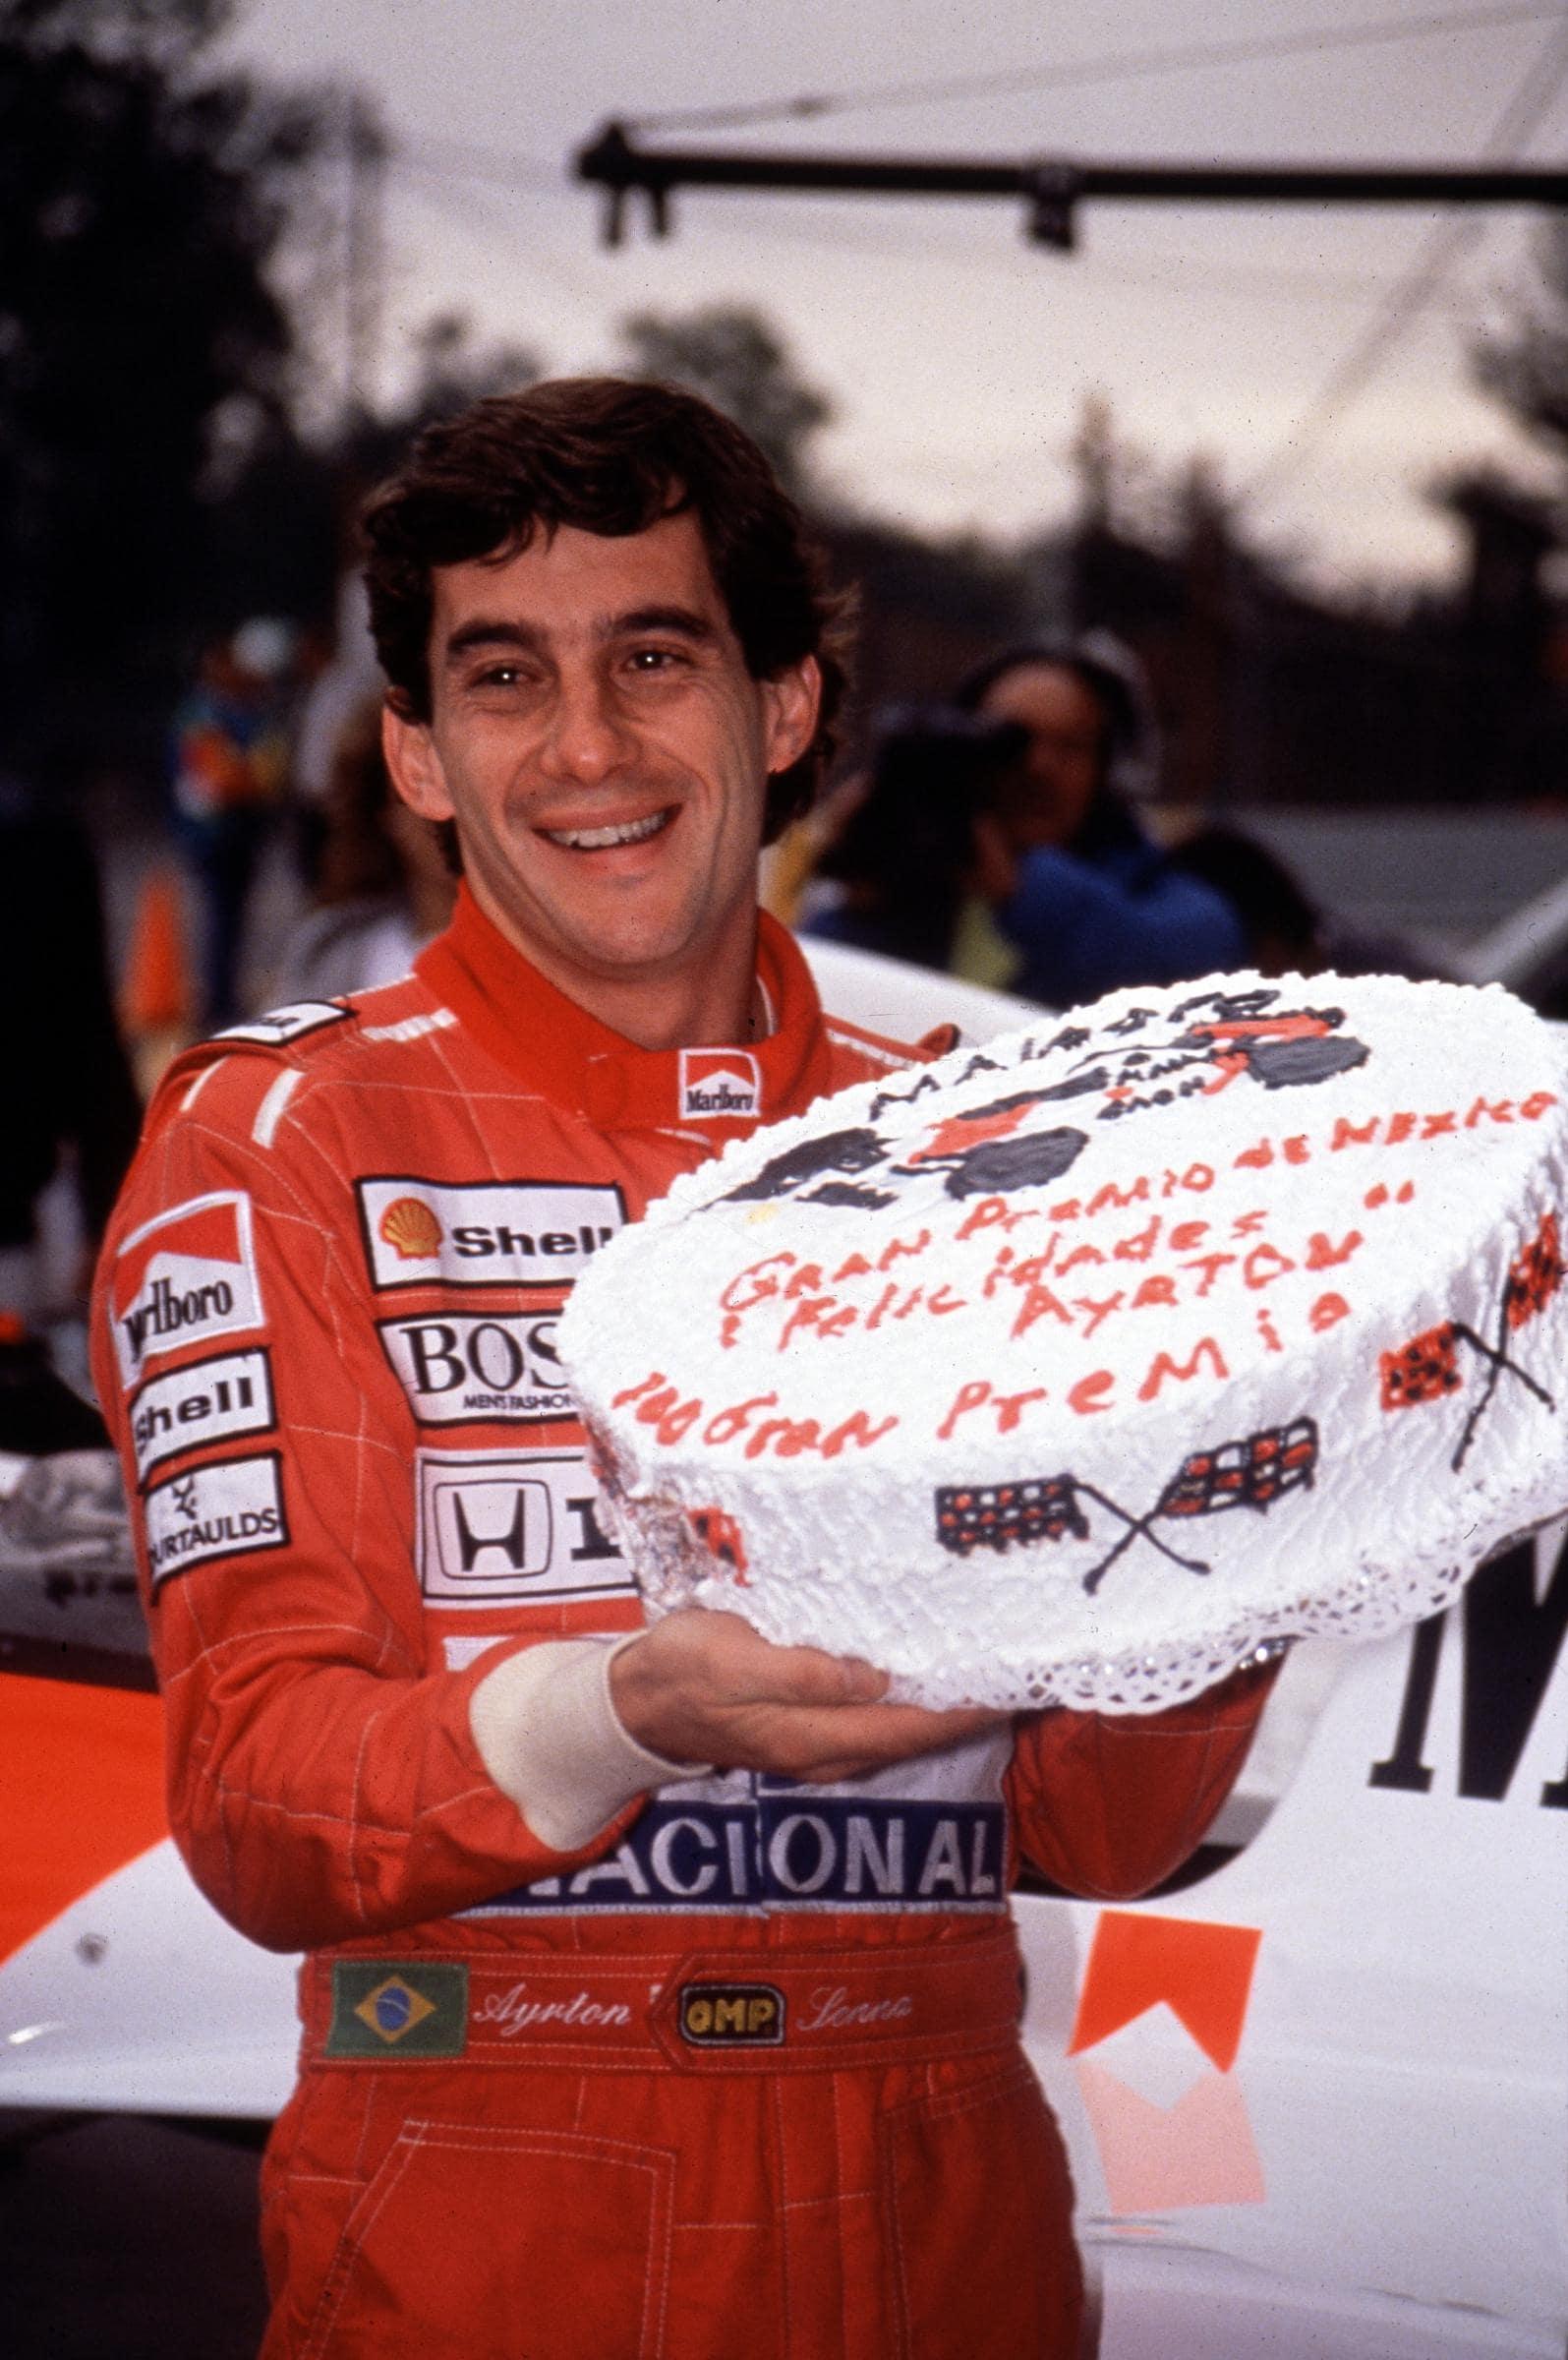 20 anni dalla morte di Ayrton Senna - Giornalettismo